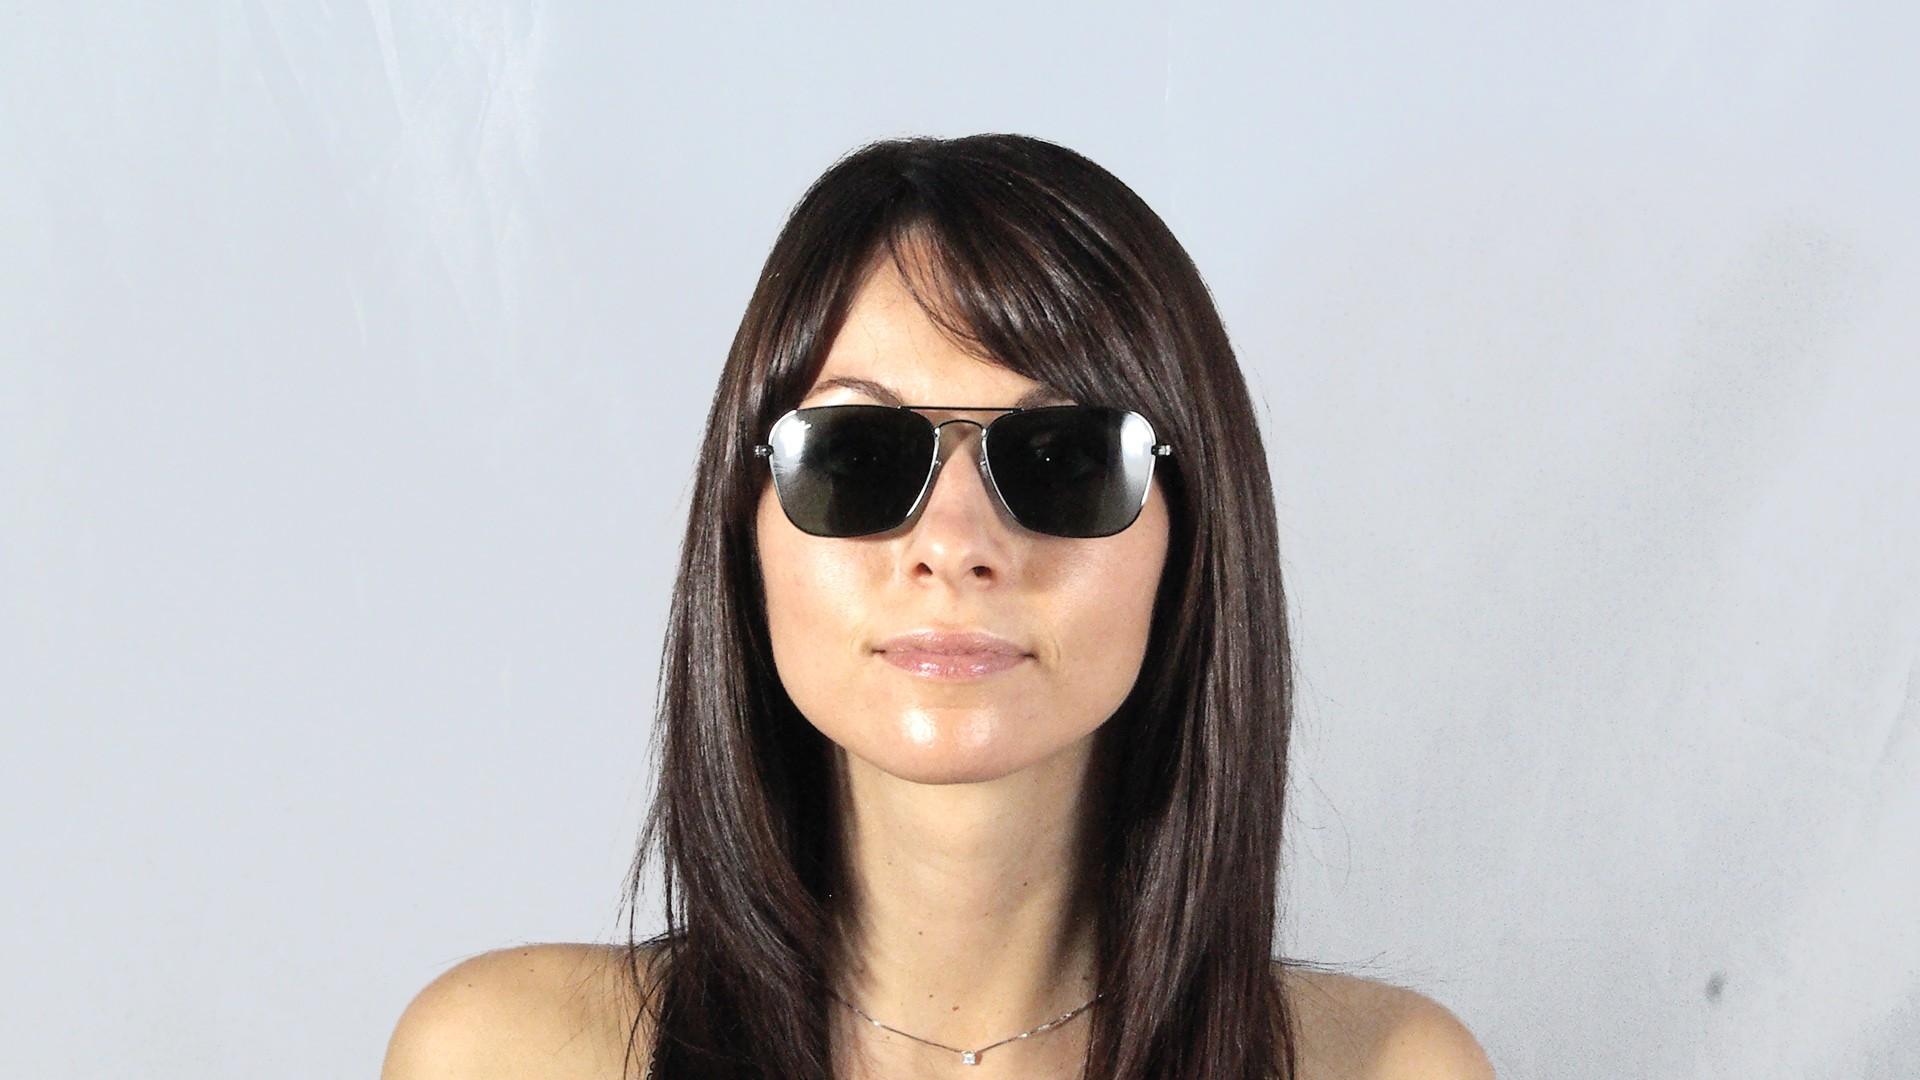 7e1f4bdc31 Sunglasses Ray-Ban Caravan Grey RB3136 004 55-15 Medium